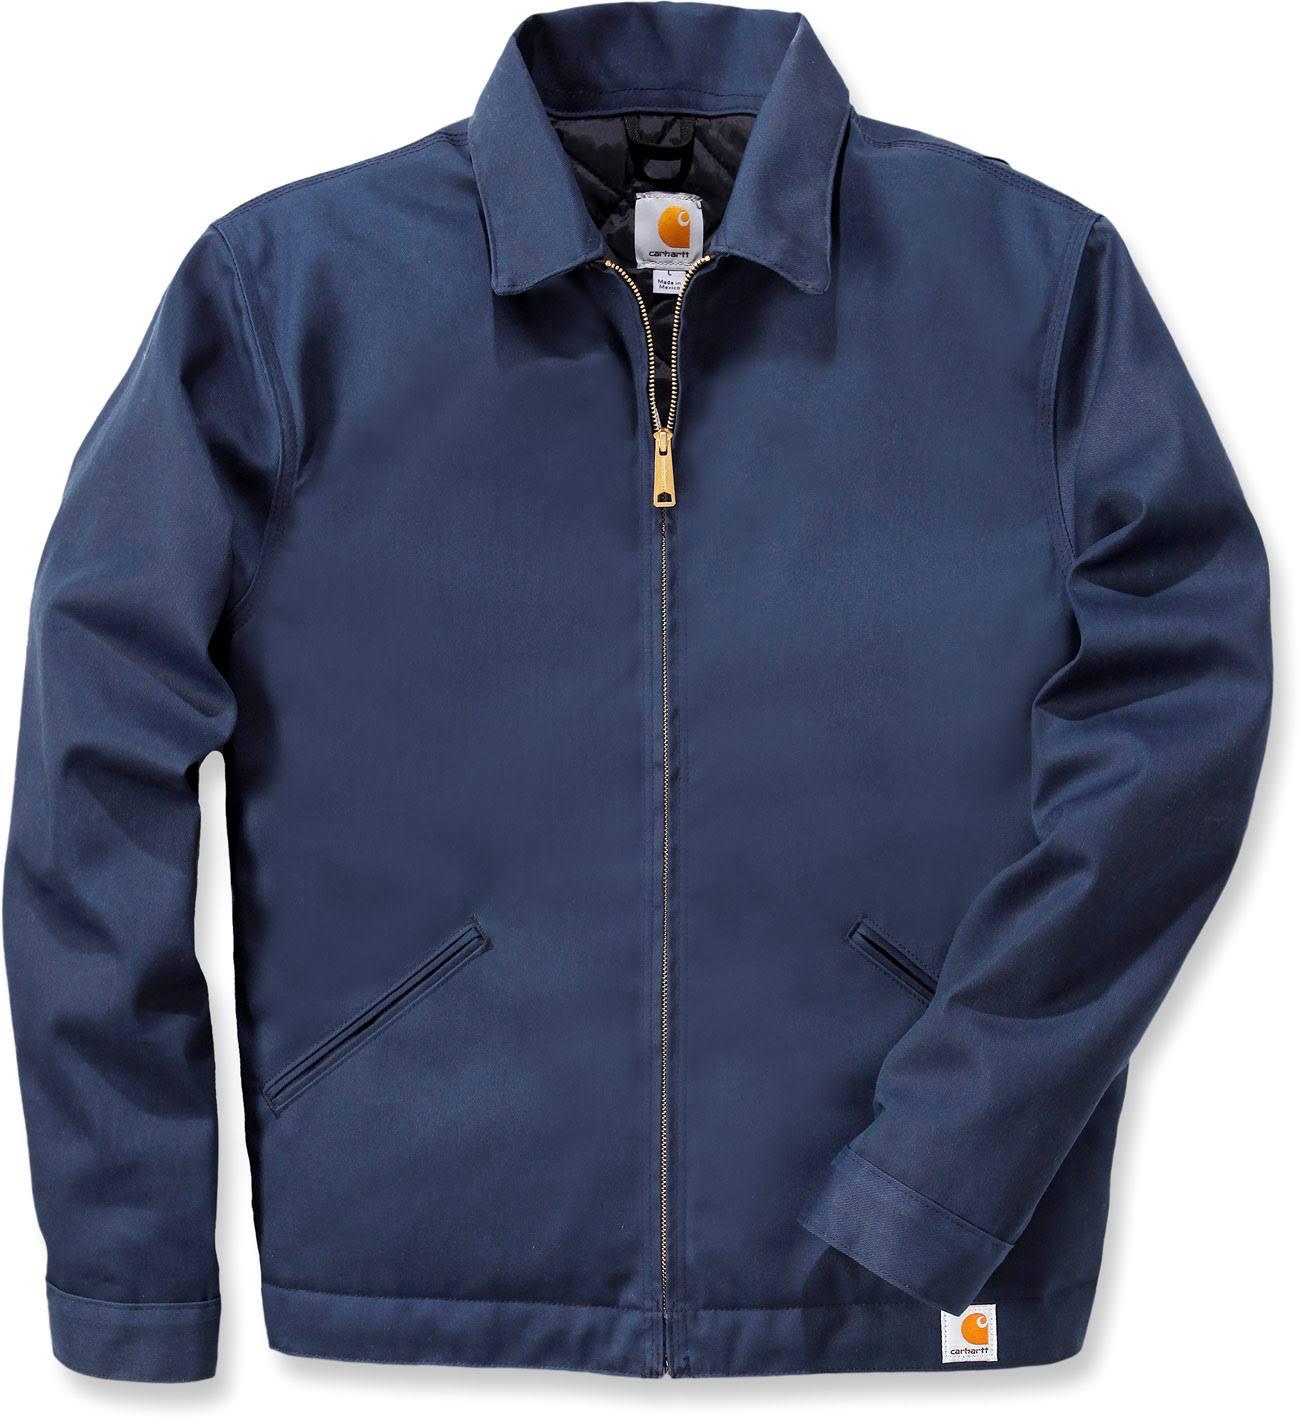 Recubierto Con Abrigo Hombre Trabajo Sarga Carhartt Marino De Azul Chaqueta Nylon Ajustable Para Forro aqxZ8